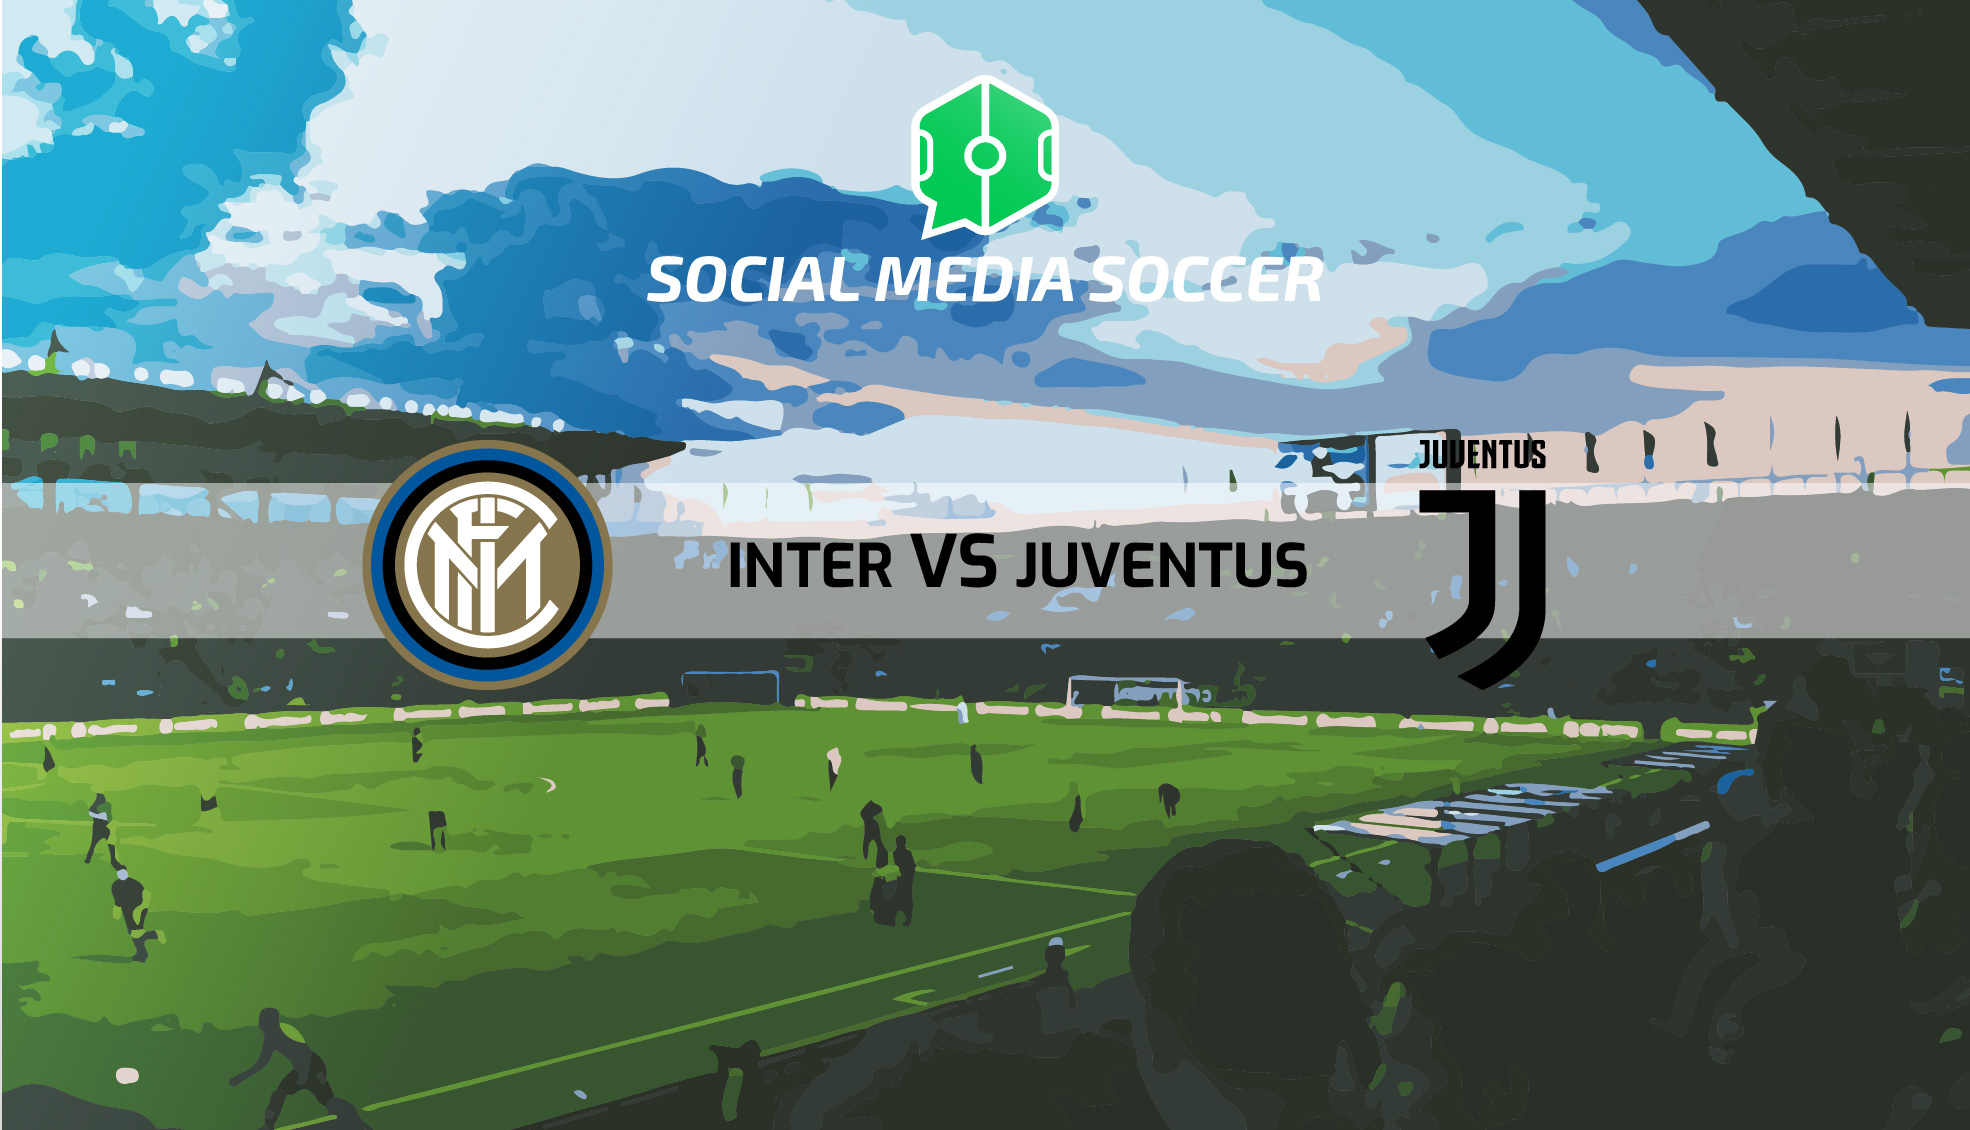 Inter-Juventus Social